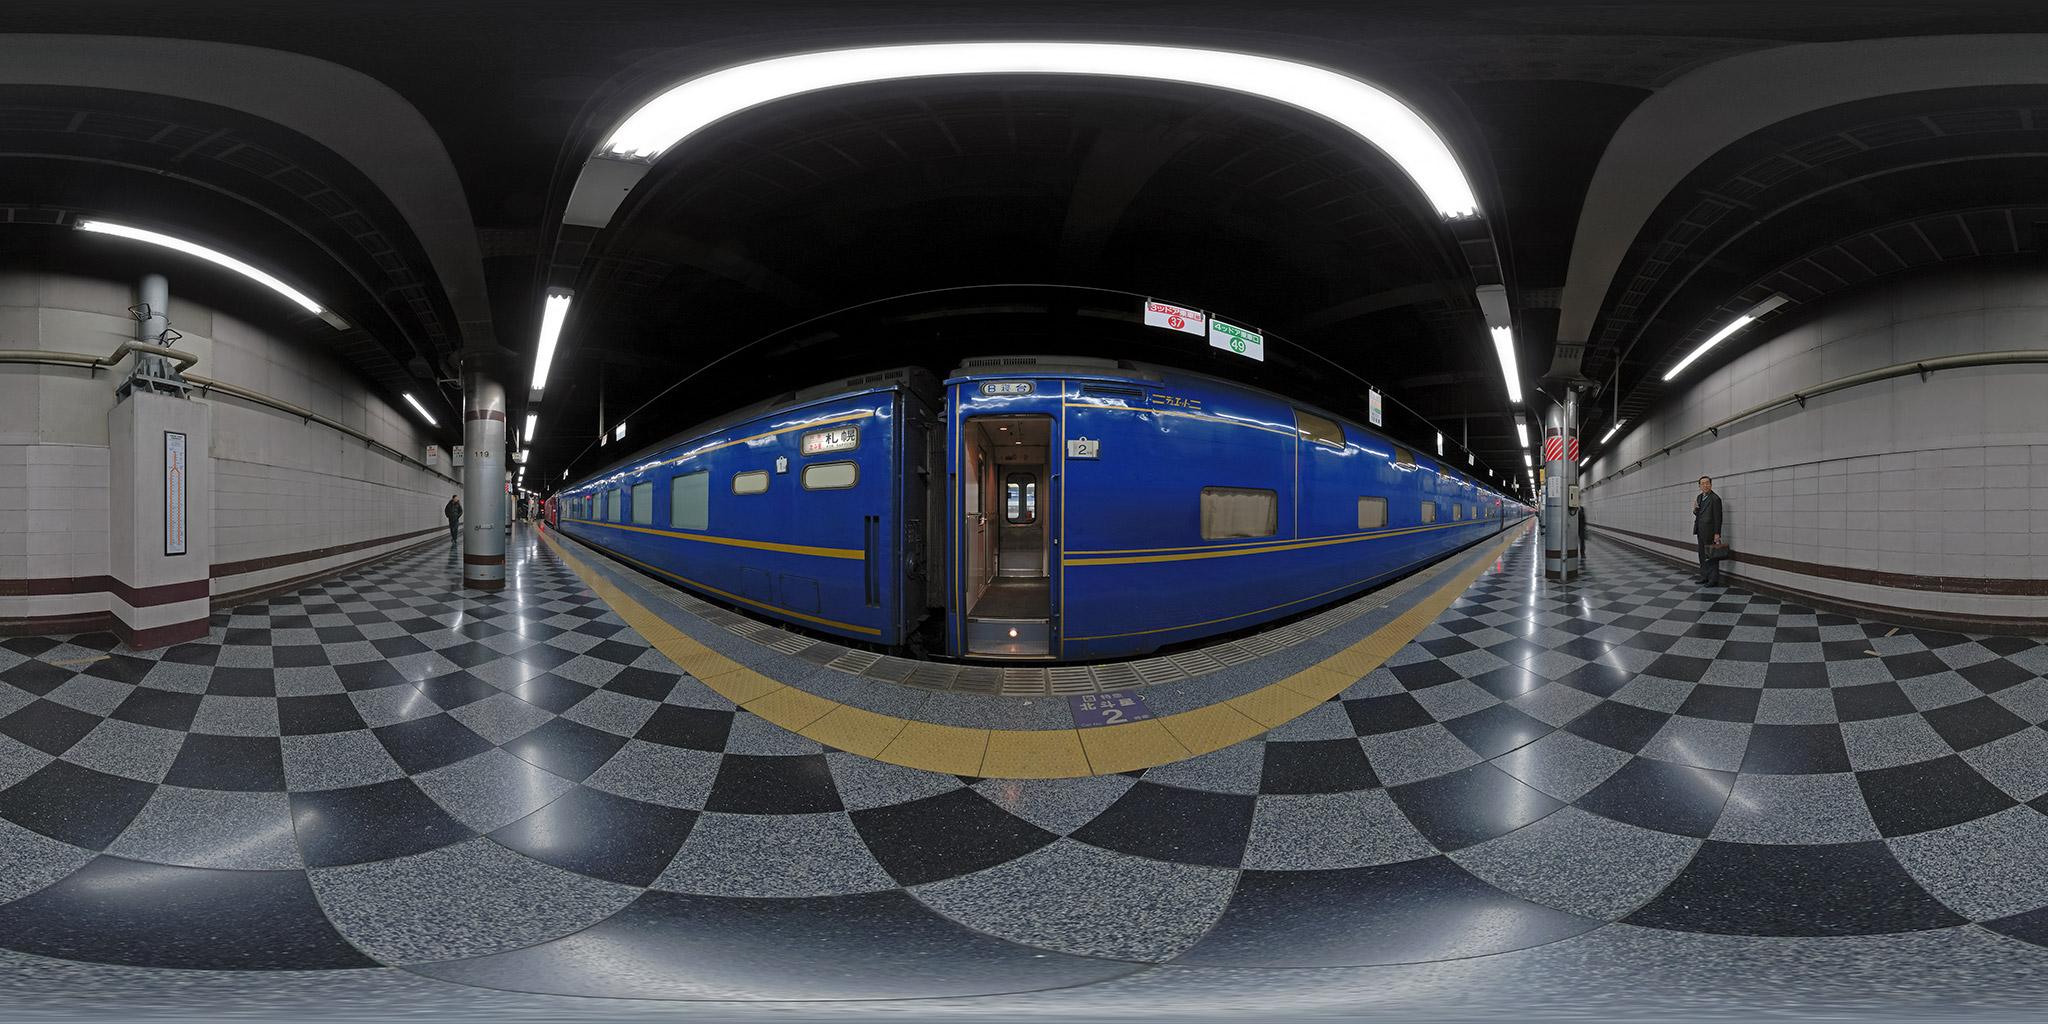 上野駅を16:50に発車していた北斗星1号